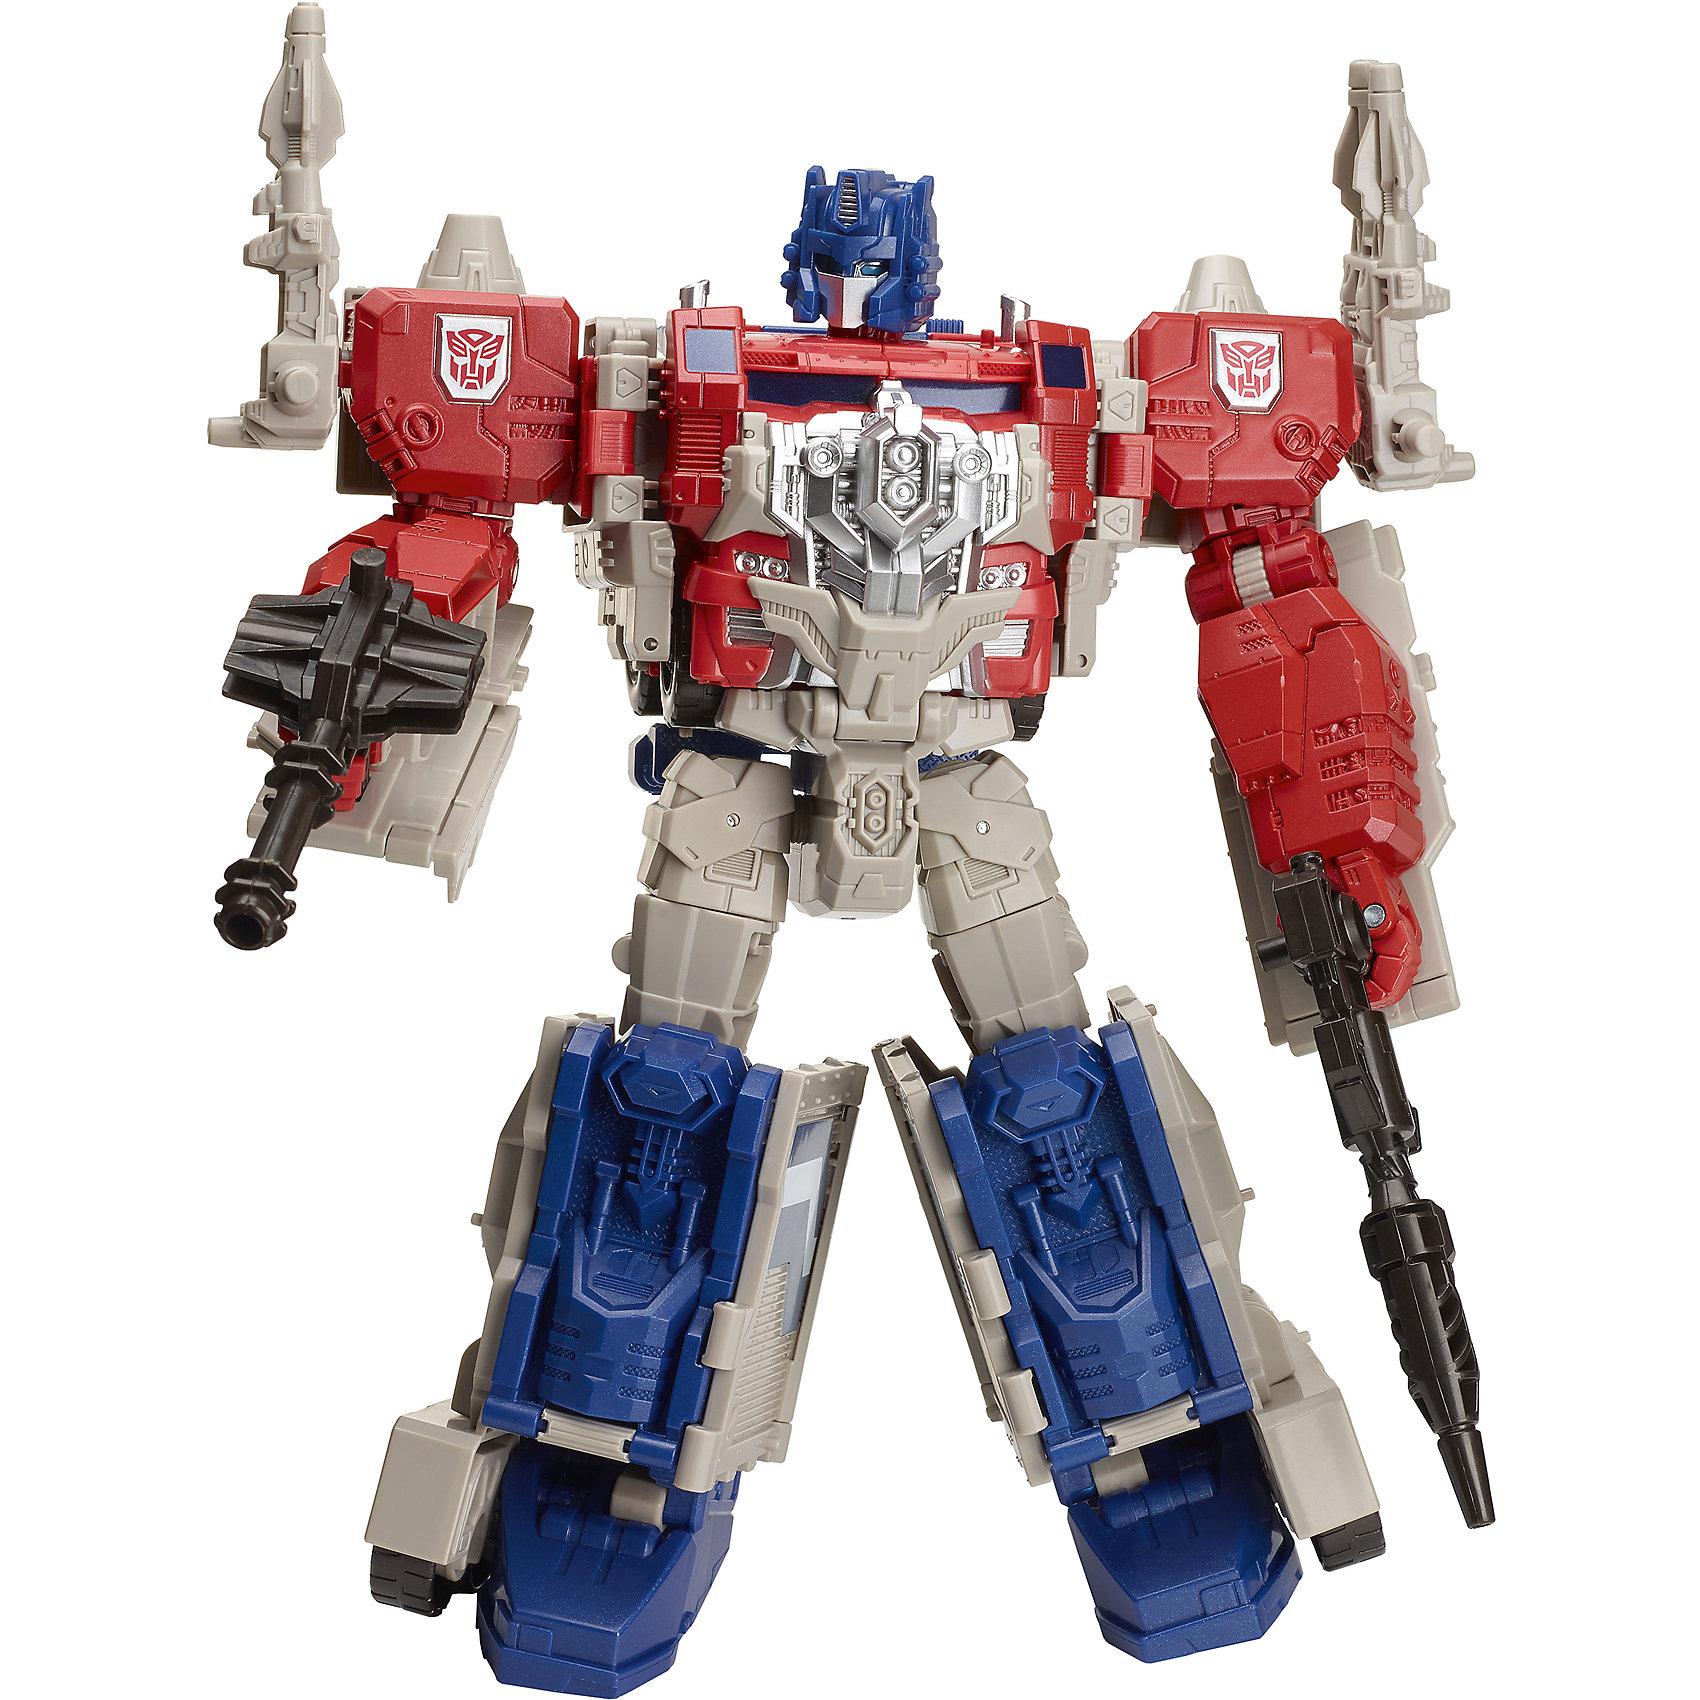 Войны Титанов Лидер, Дженерейшнс, Трансформеры, B7997/B6461Характеристики трансформера Войны Титанов Вояджер, Дженерейшнс Transformers Generations Voyager Titans Return:<br><br>- возраст: от 8 лет<br>- герой: Transformers / Трансформеры<br>- пол: для мальчиков<br>- цвет: красный/серый/синий<br>- комплект: фигурка-трансформер, аксессуары.<br>- материал: пластик<br>- размер упаковки: 10.3 * 31.6 * 25.4 см.<br>- упаковка: блистер на картоне.<br>- страна обладатель бренда: США.<br><br>Трансформер серии Generations Combiner Wars Voyager от Hasbro, станет любимой игрушкой для юного любителя роботов и техники. Робот-трансформер знаменитый персонаж популярного фильма и мультфильма выглядит весьма внушительно и даже устрашающе, поражает его размер. У игрушки достаточно сложная, но невероятно занимательная трансформация!<br><br>Трансформер Войны Титанов Вояджер, Дженерейшнс (Transformers Generations Voyager Titans Return) торговой марки Hasbro (Хасбо) можно купить в нашем интернет-магазине<br><br>Ширина мм: 103<br>Глубина мм: 254<br>Высота мм: 2500<br>Вес г: 641<br>Возраст от месяцев: 96<br>Возраст до месяцев: 144<br>Пол: Мужской<br>Возраст: Детский<br>SKU: 5064763